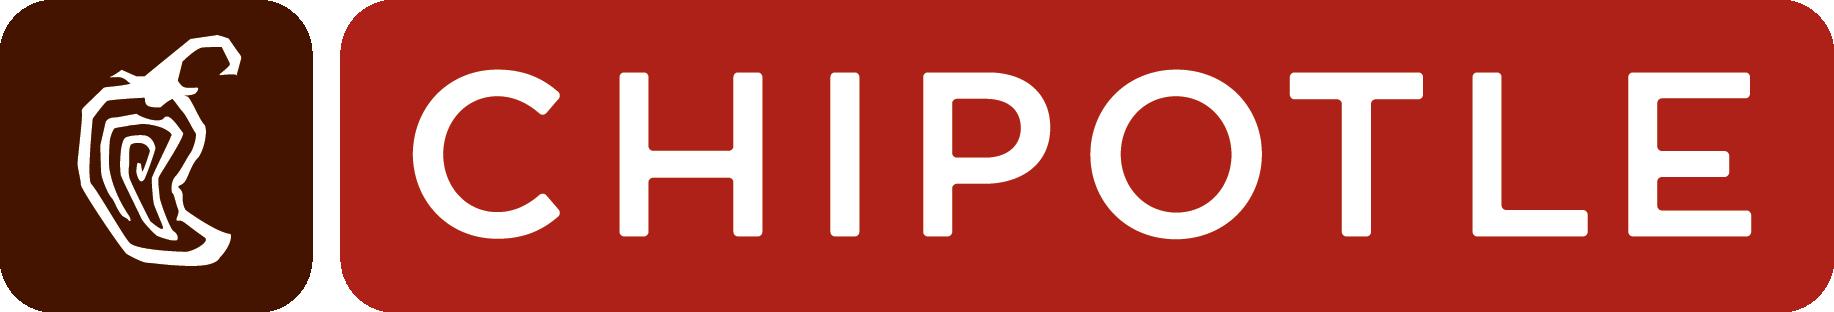 cmg_logo_side.png